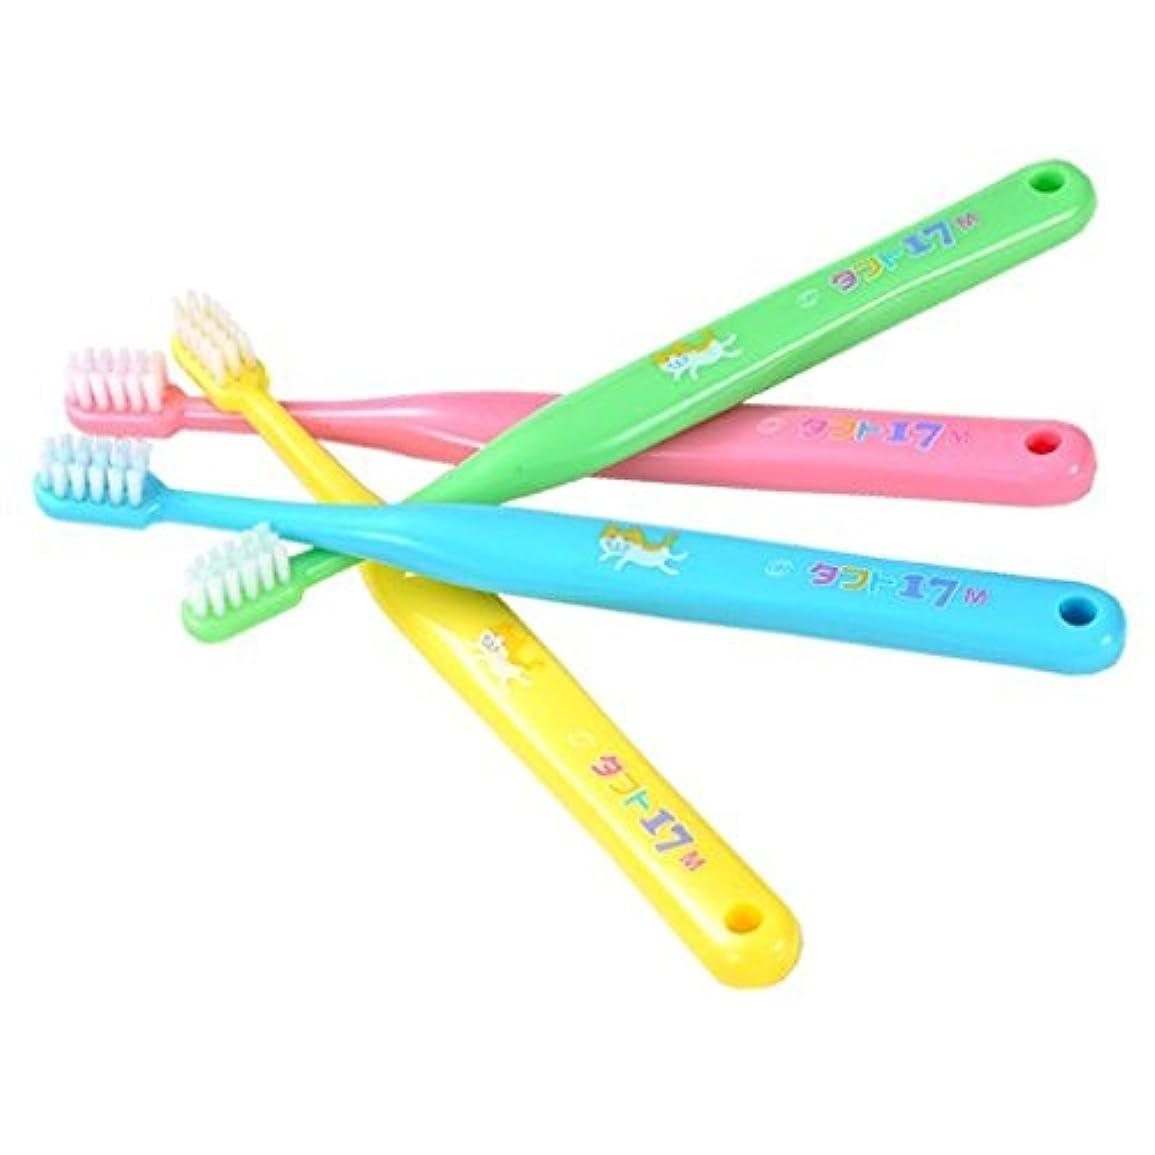 スプリット正確に対象オーラルケア タフト 歯ブラシ ミディアム × 4本 アソート (タフト17(M))